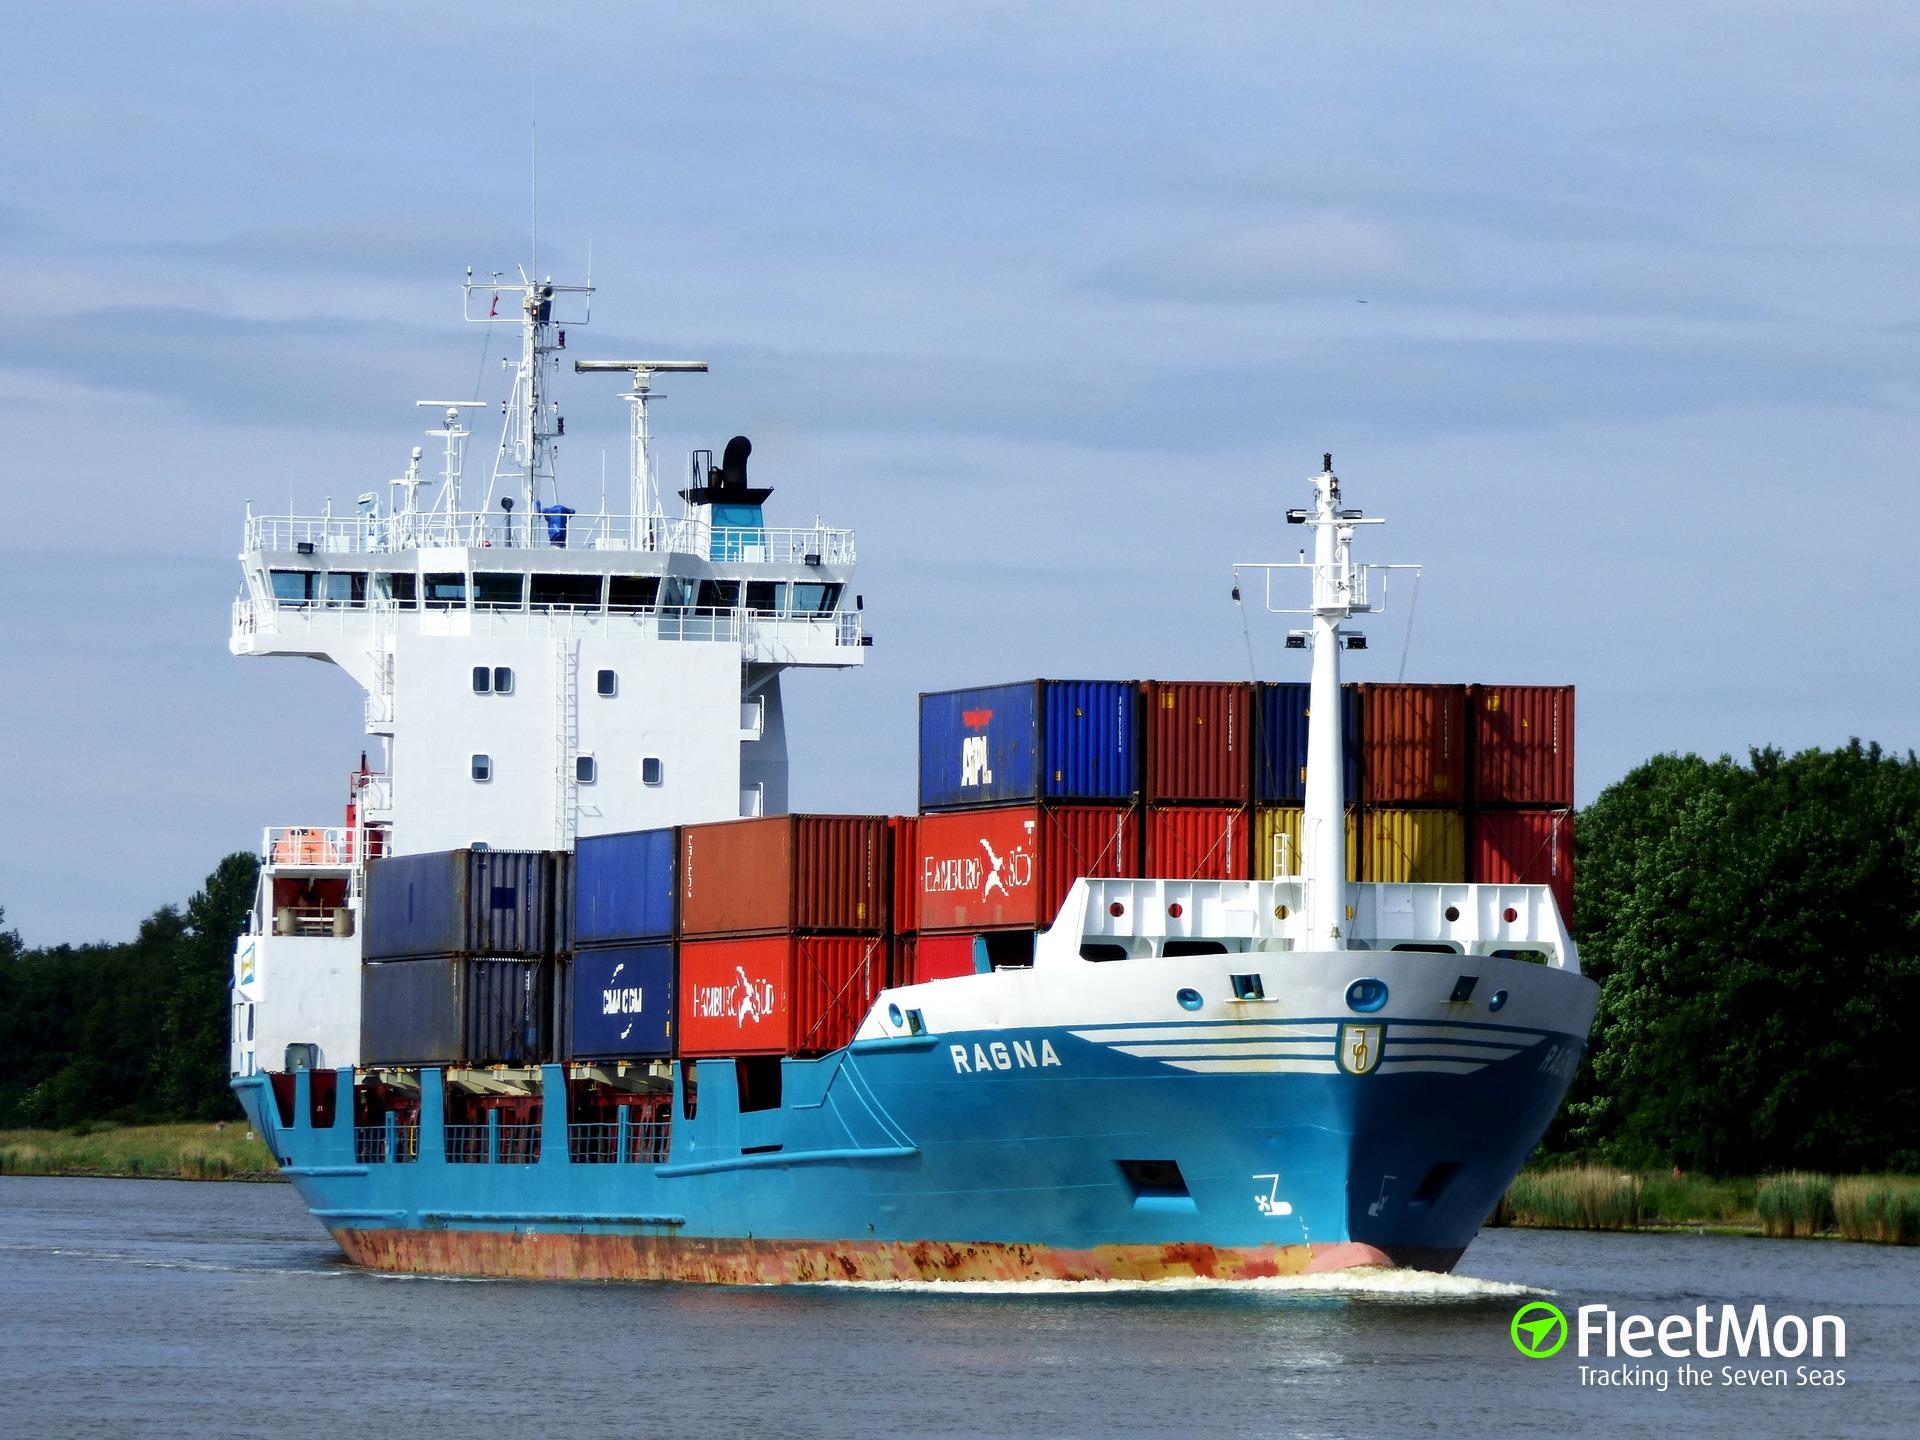 Ragna towed back to Helsinki